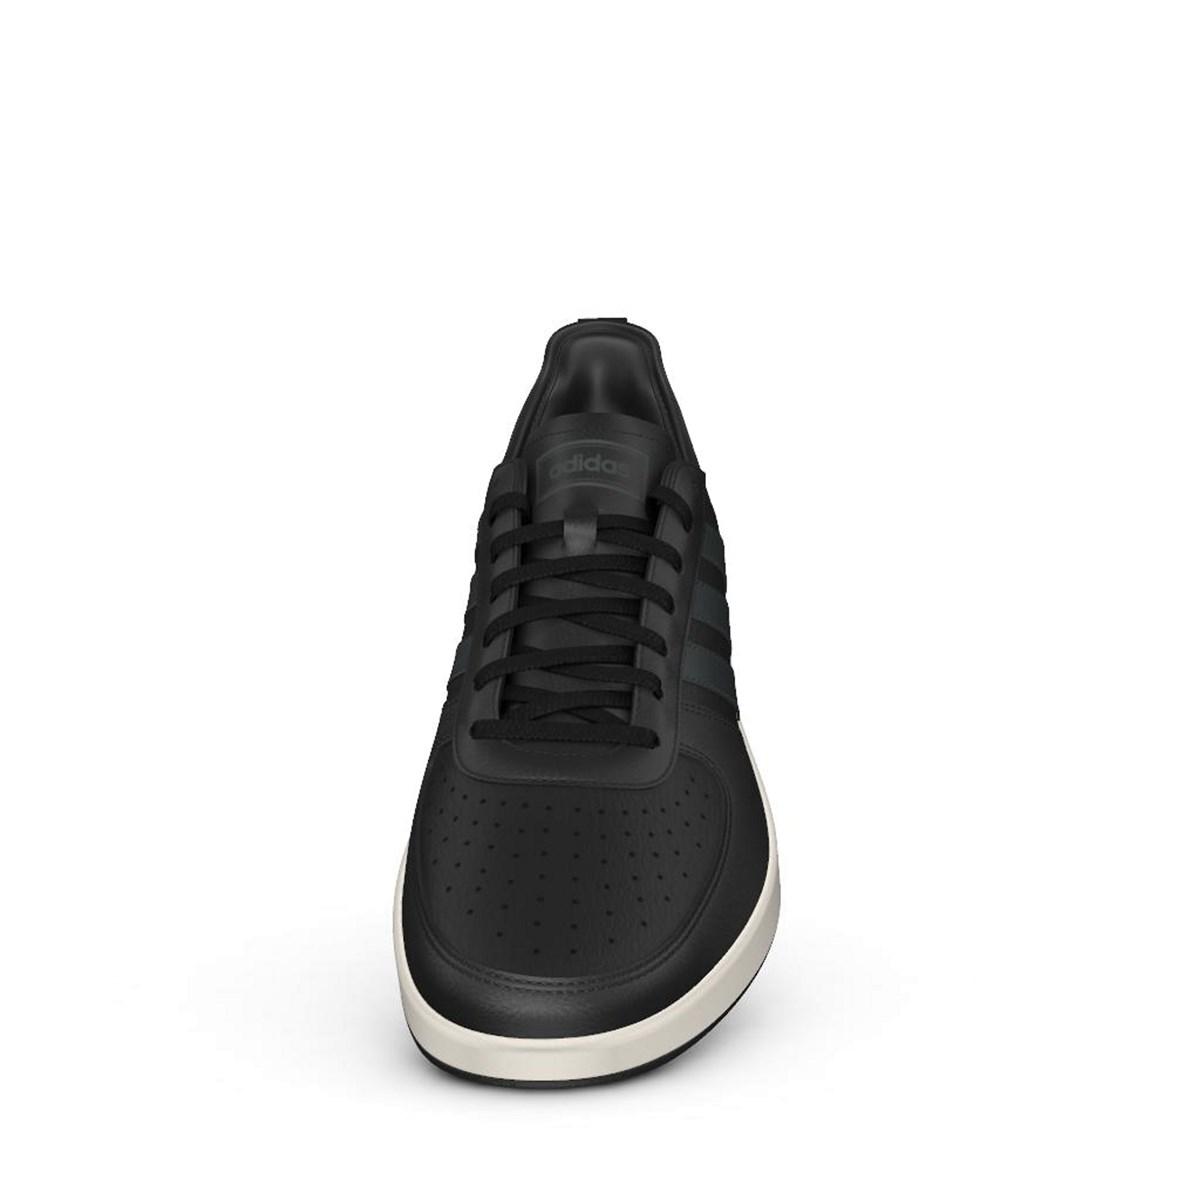 Court 80s Erkek Siyah Spor Ayakkabı